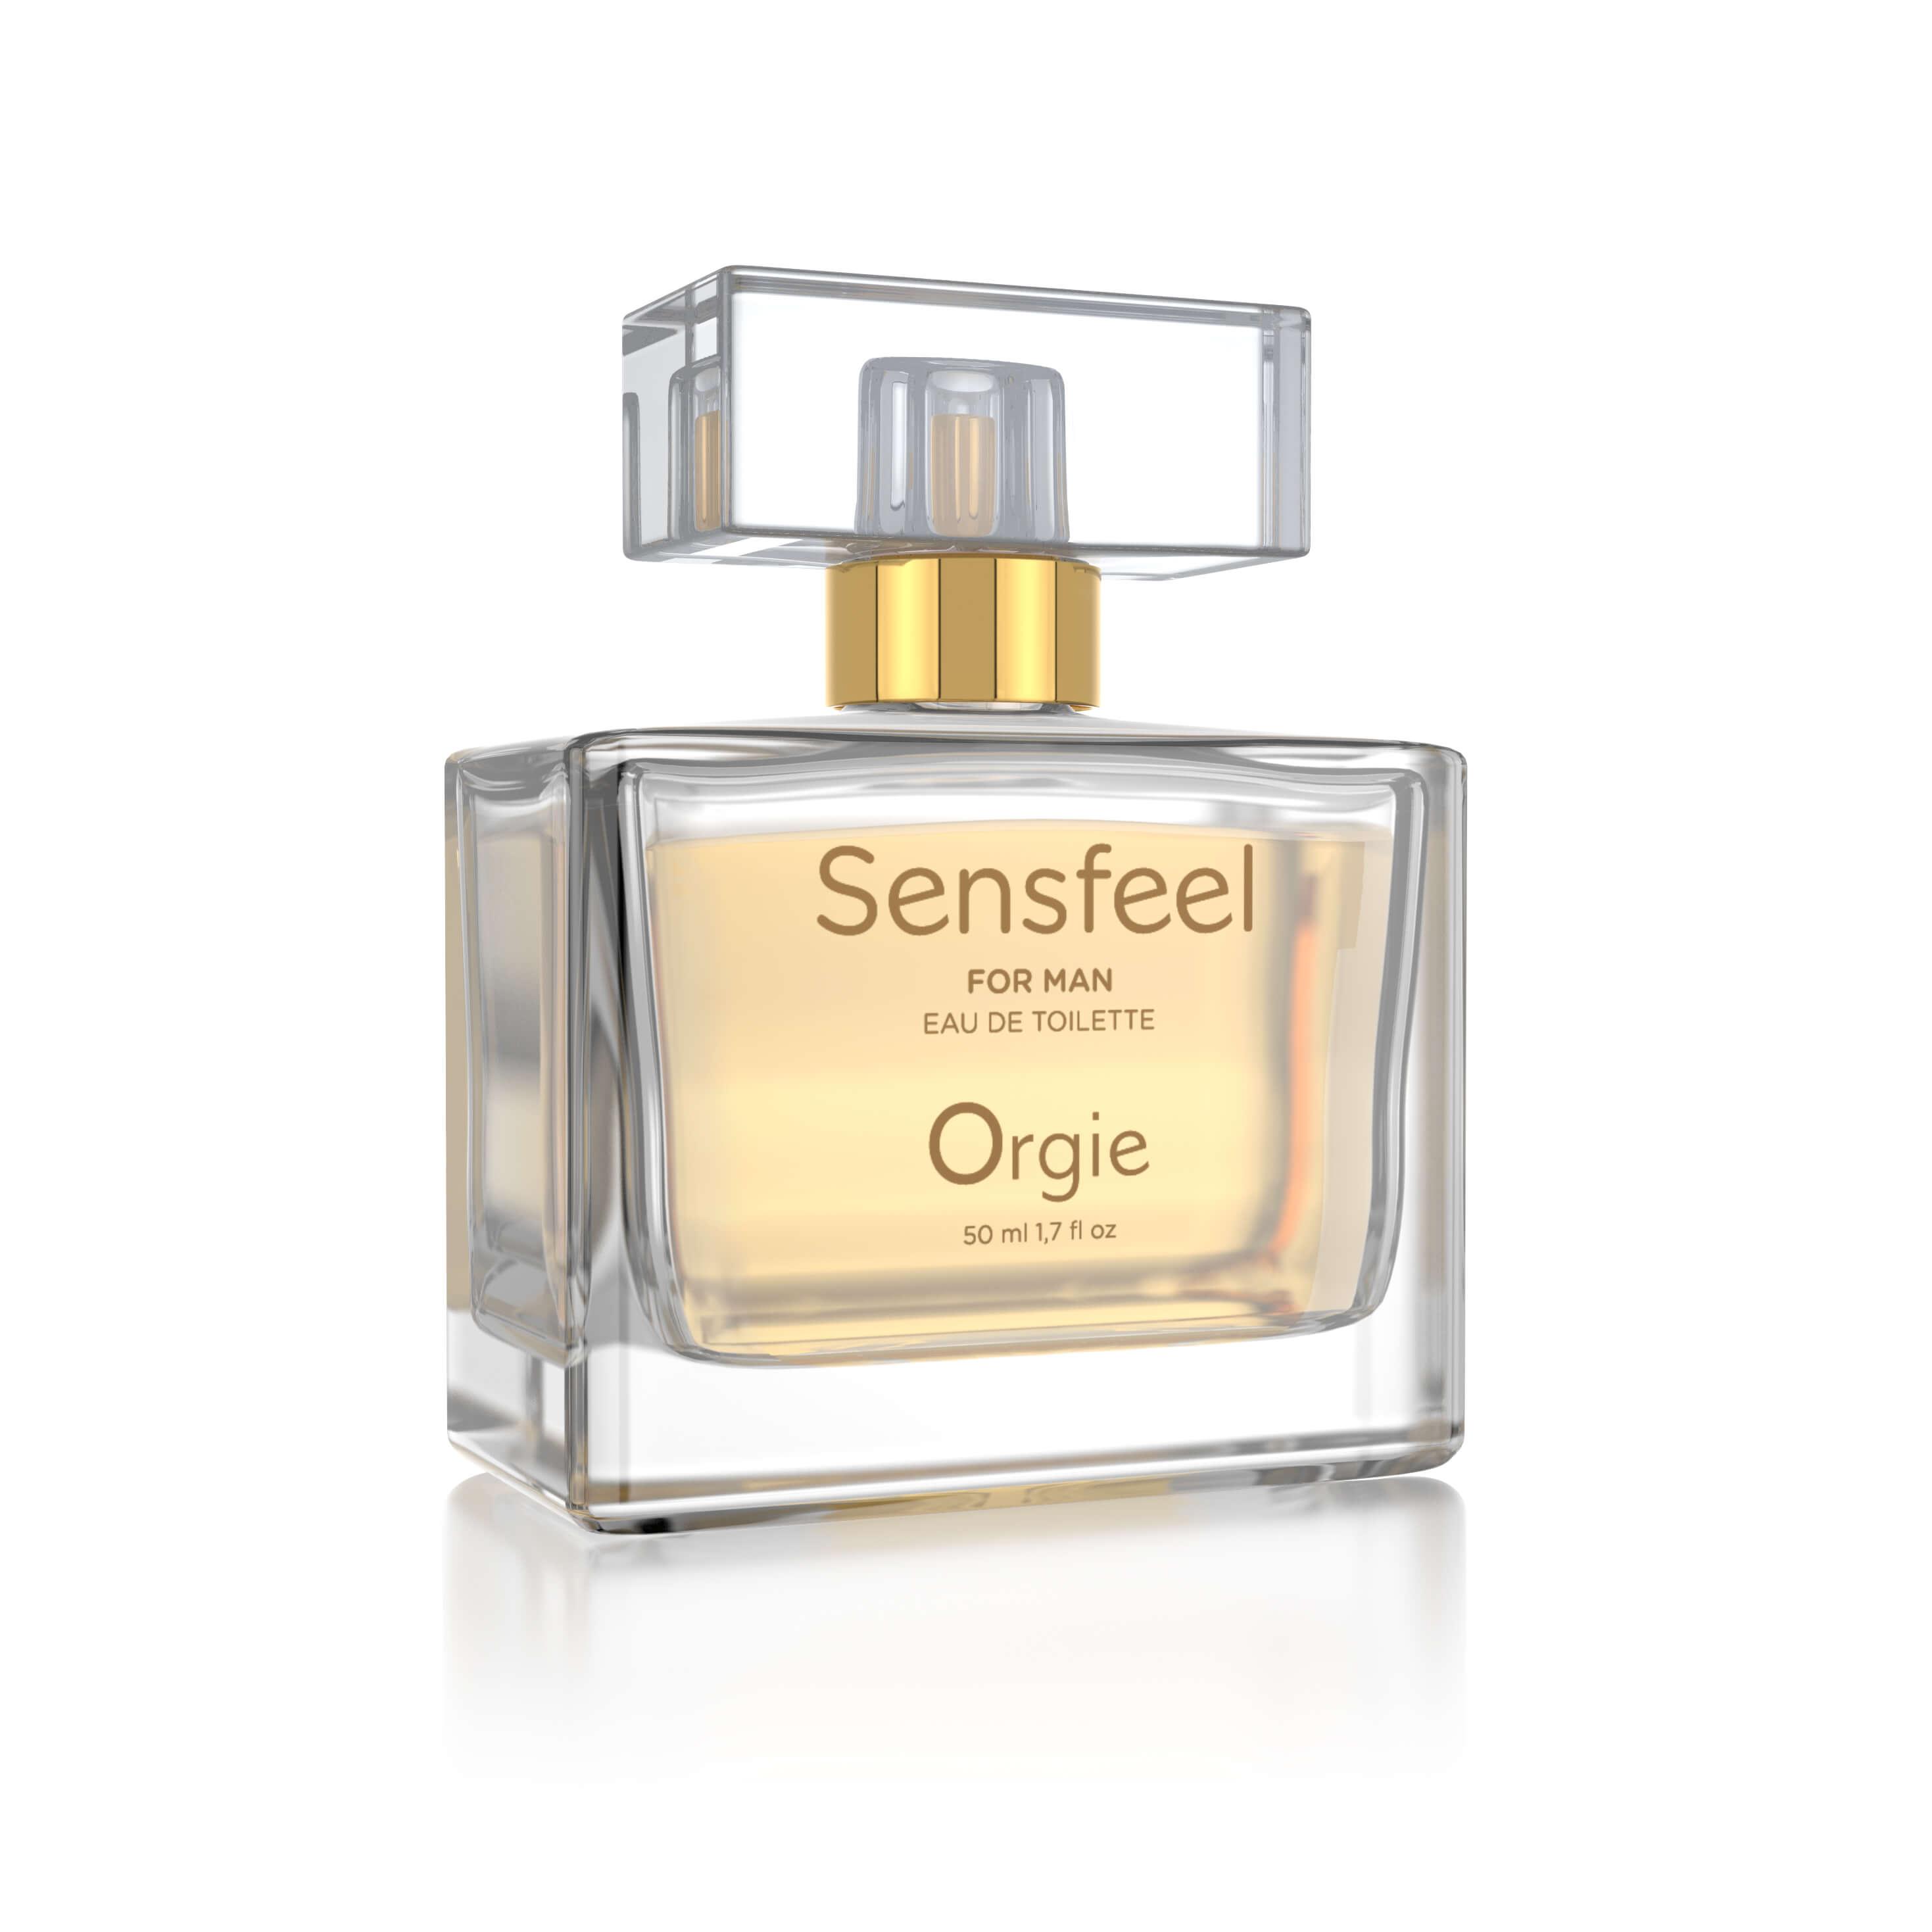 Orgie - Sensfeel - for Man - 50ml